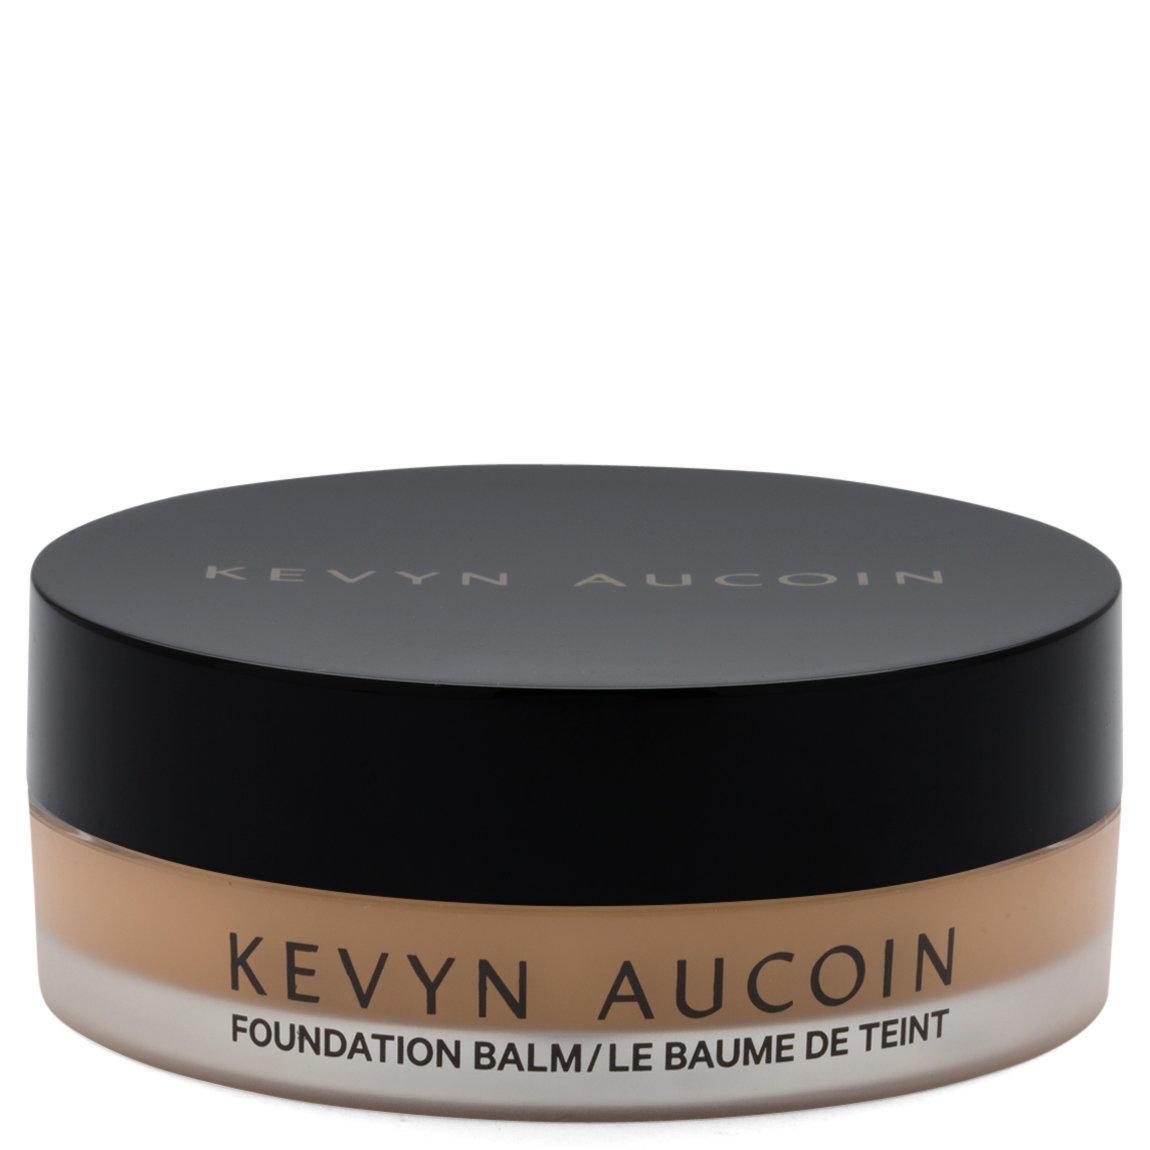 Kevyn Aucoin Foundation Balm Medium FB09